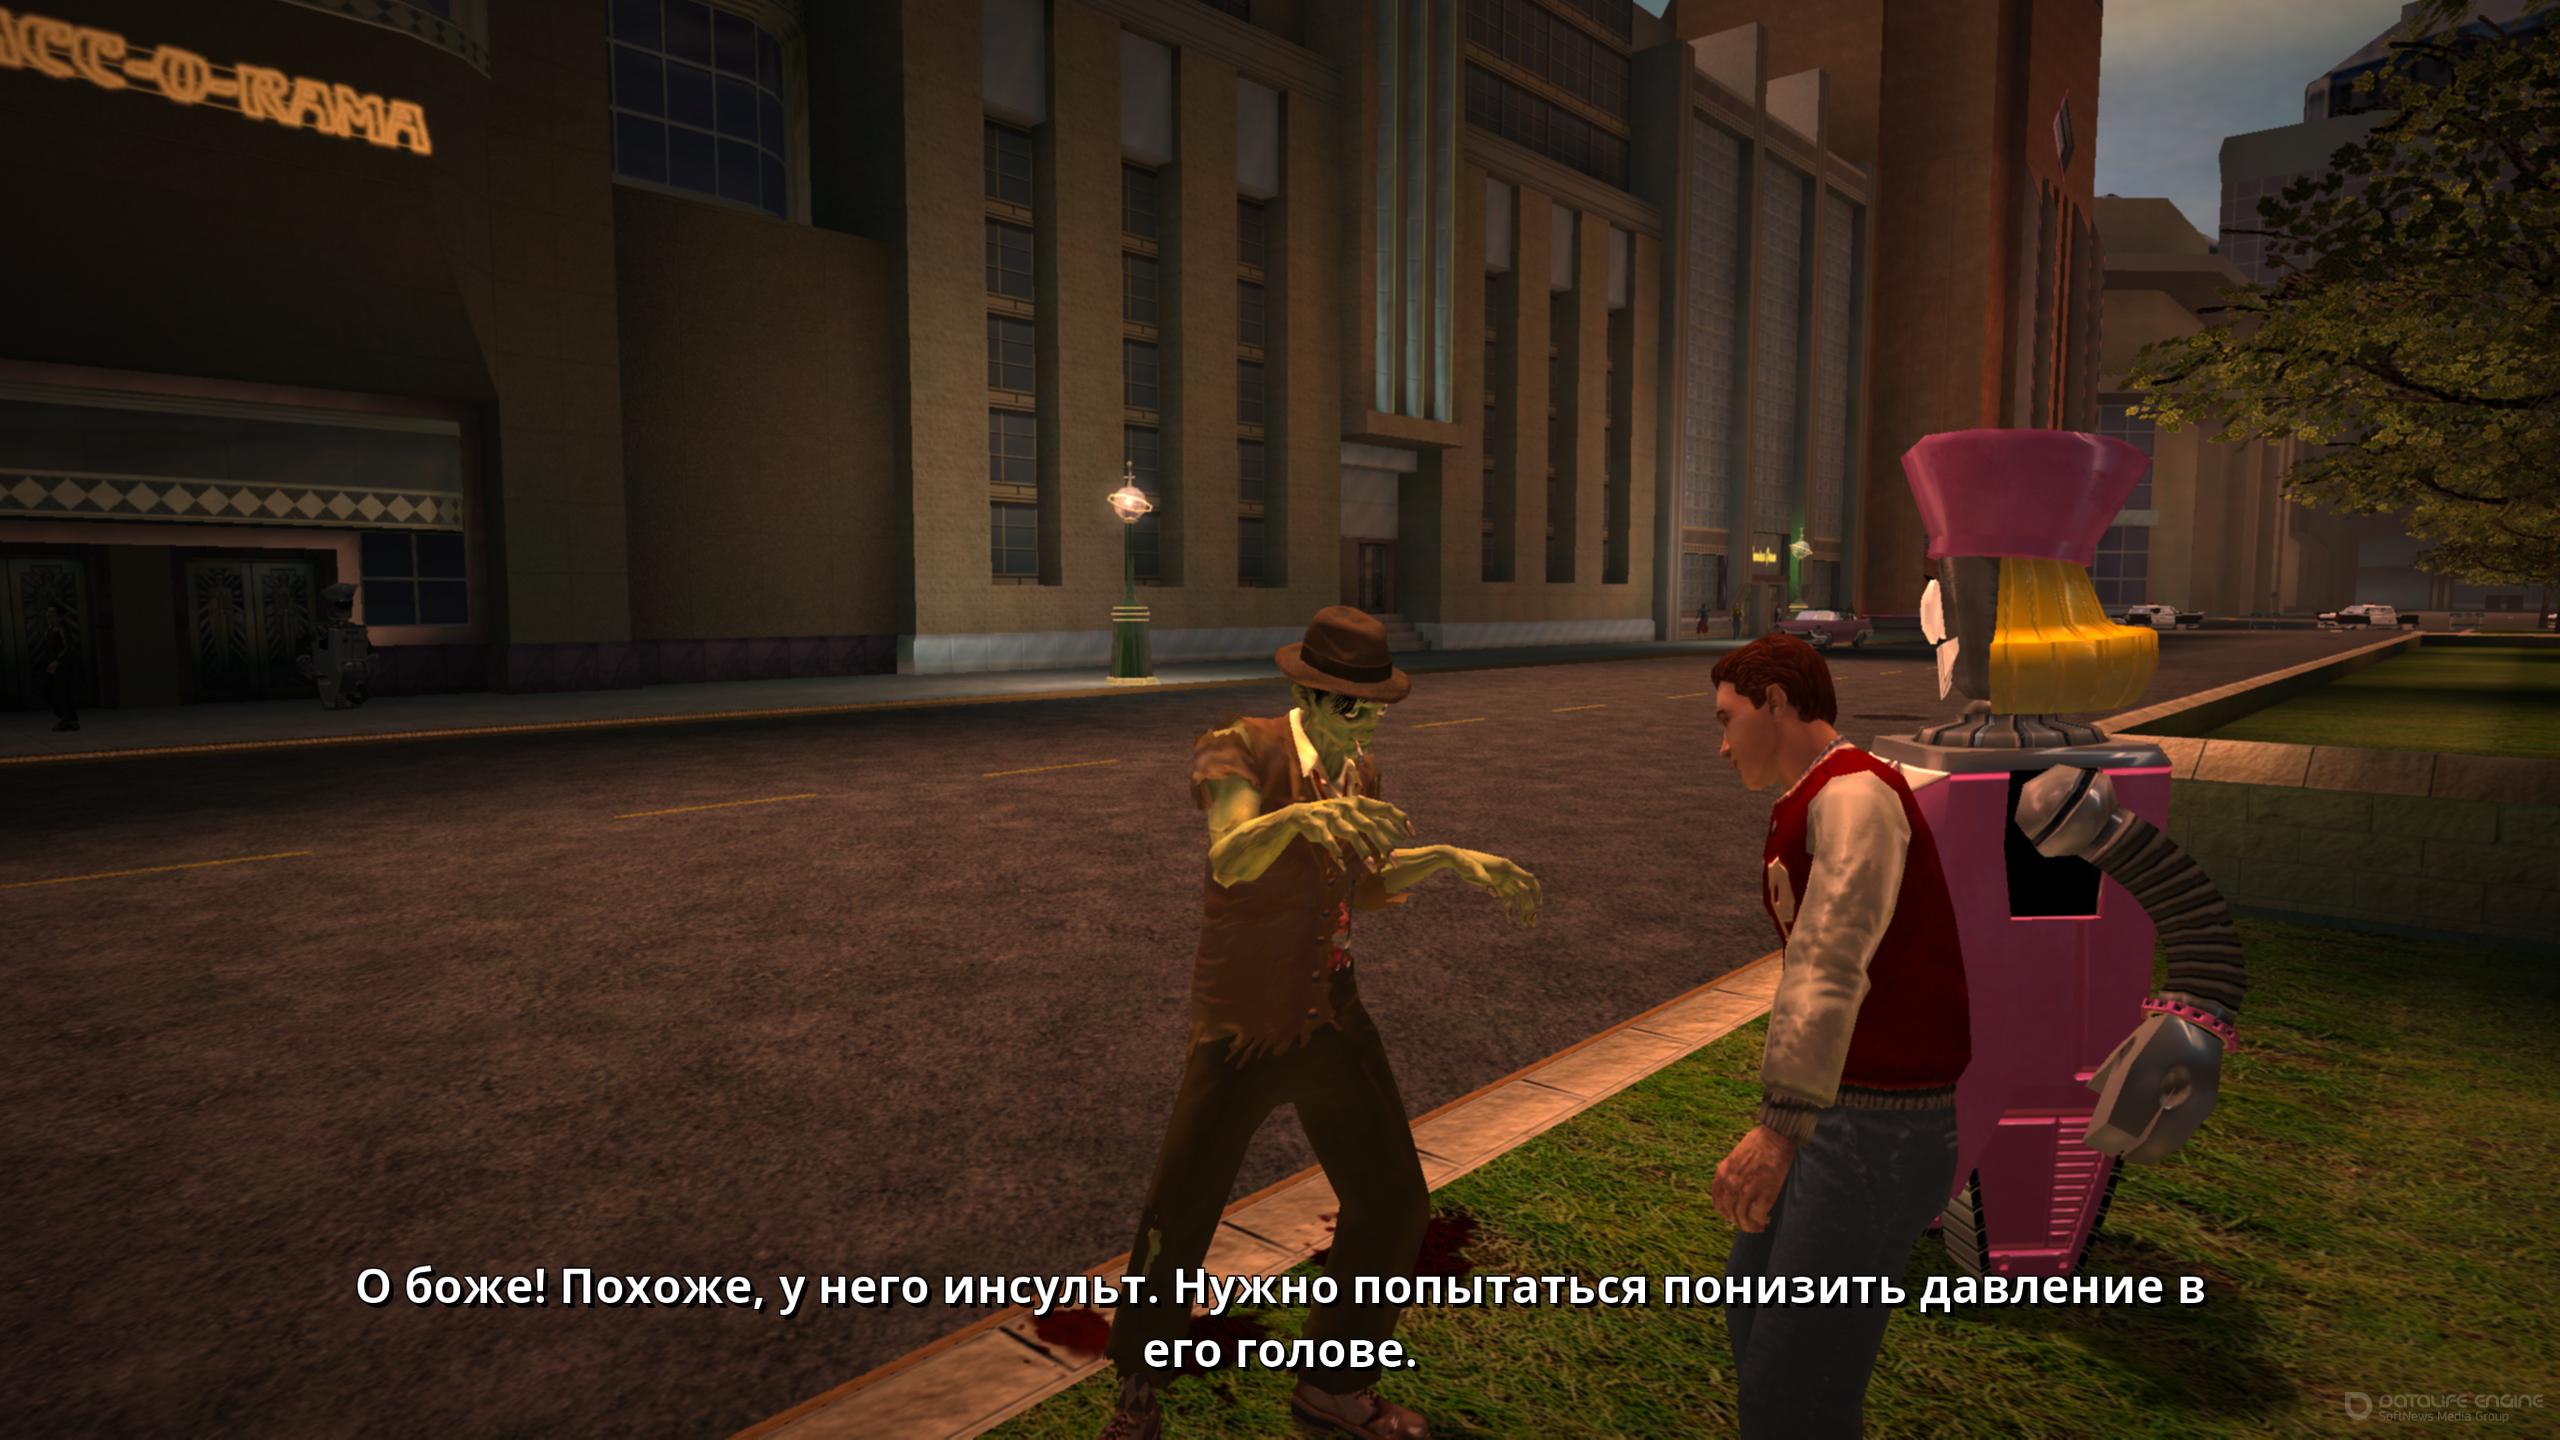 Скриншот к игре Stubbs the Zombie in Rebel Without a Pulse (переиздание) [GOG] (2005-2021) скачать торрент Лицензия